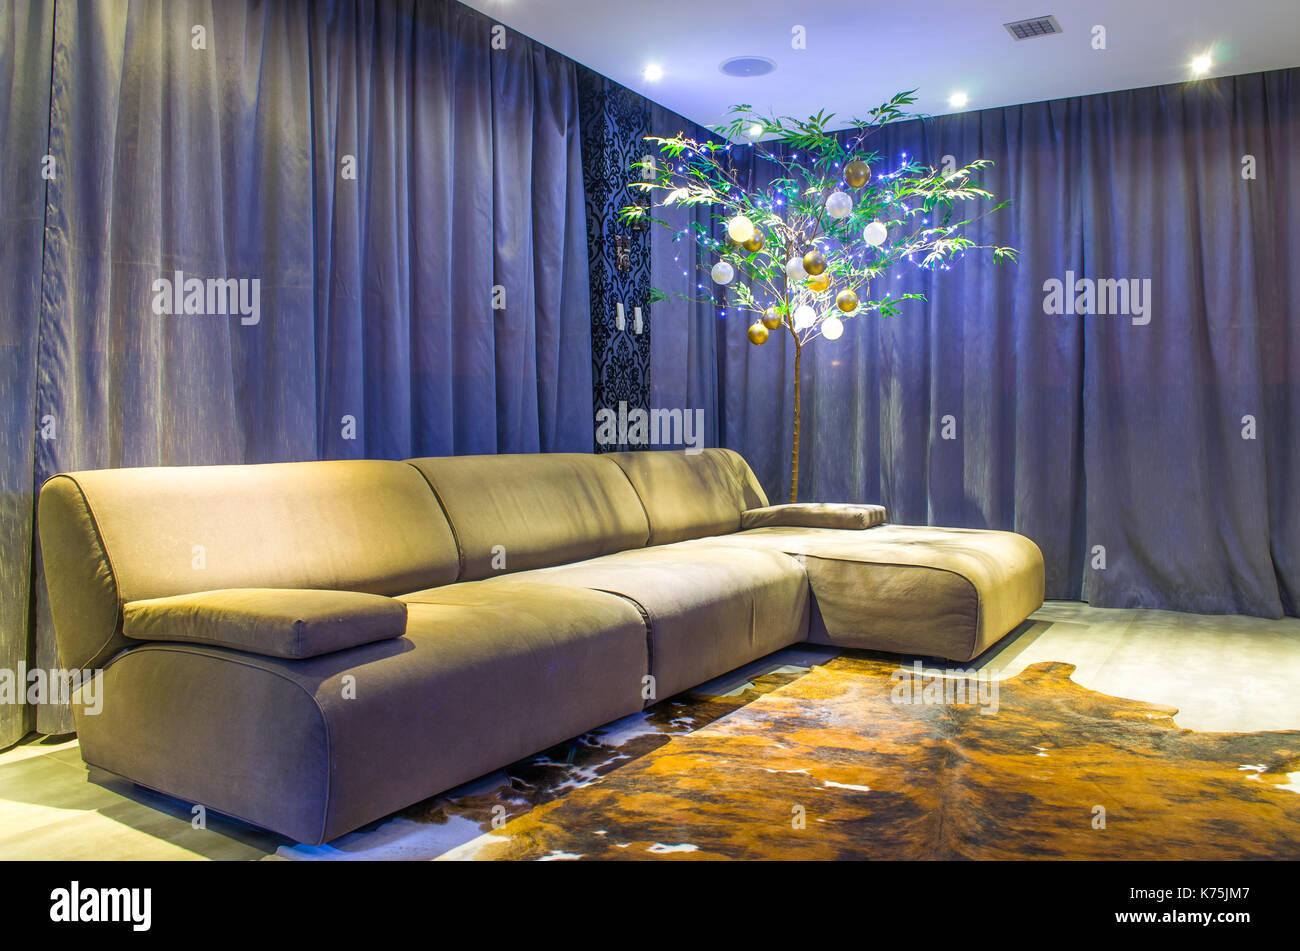 Weihnachtsbeleuchtung Wohnzimmer.Schönes Wohnzimmer Mit Modernen Weihnachten Dekoration Bambus Mit